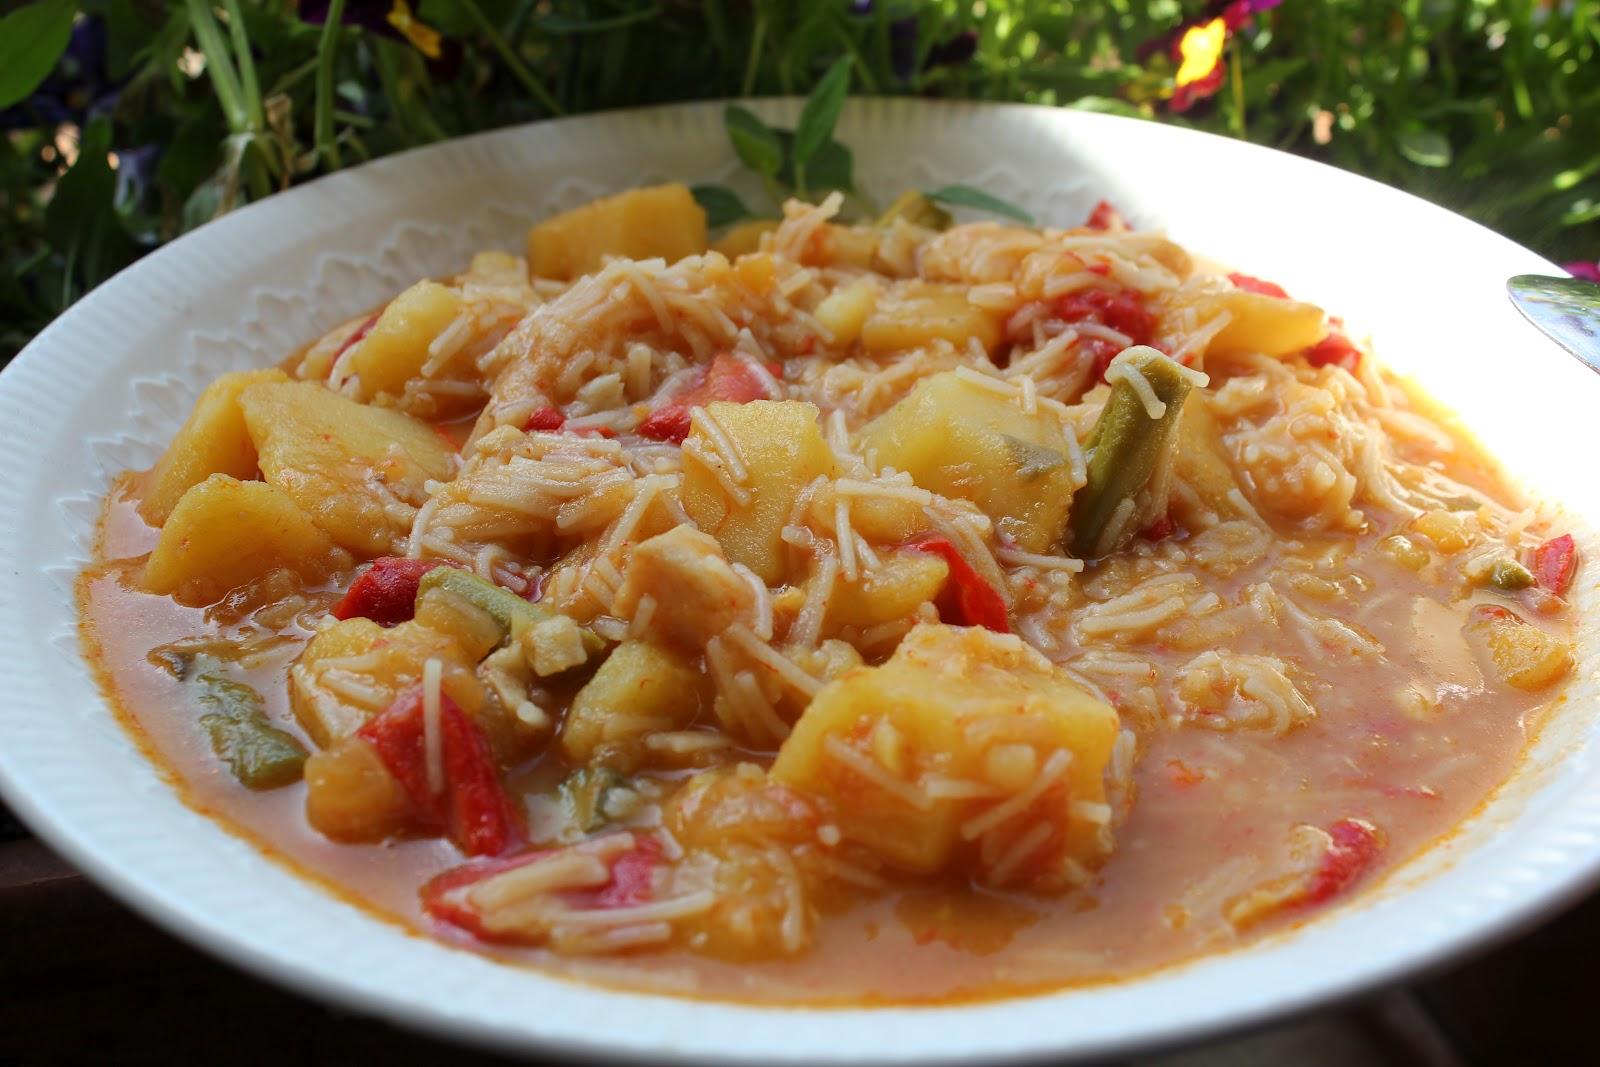 La dieta mediterránea de nuestra familia: Pollo con tumaca